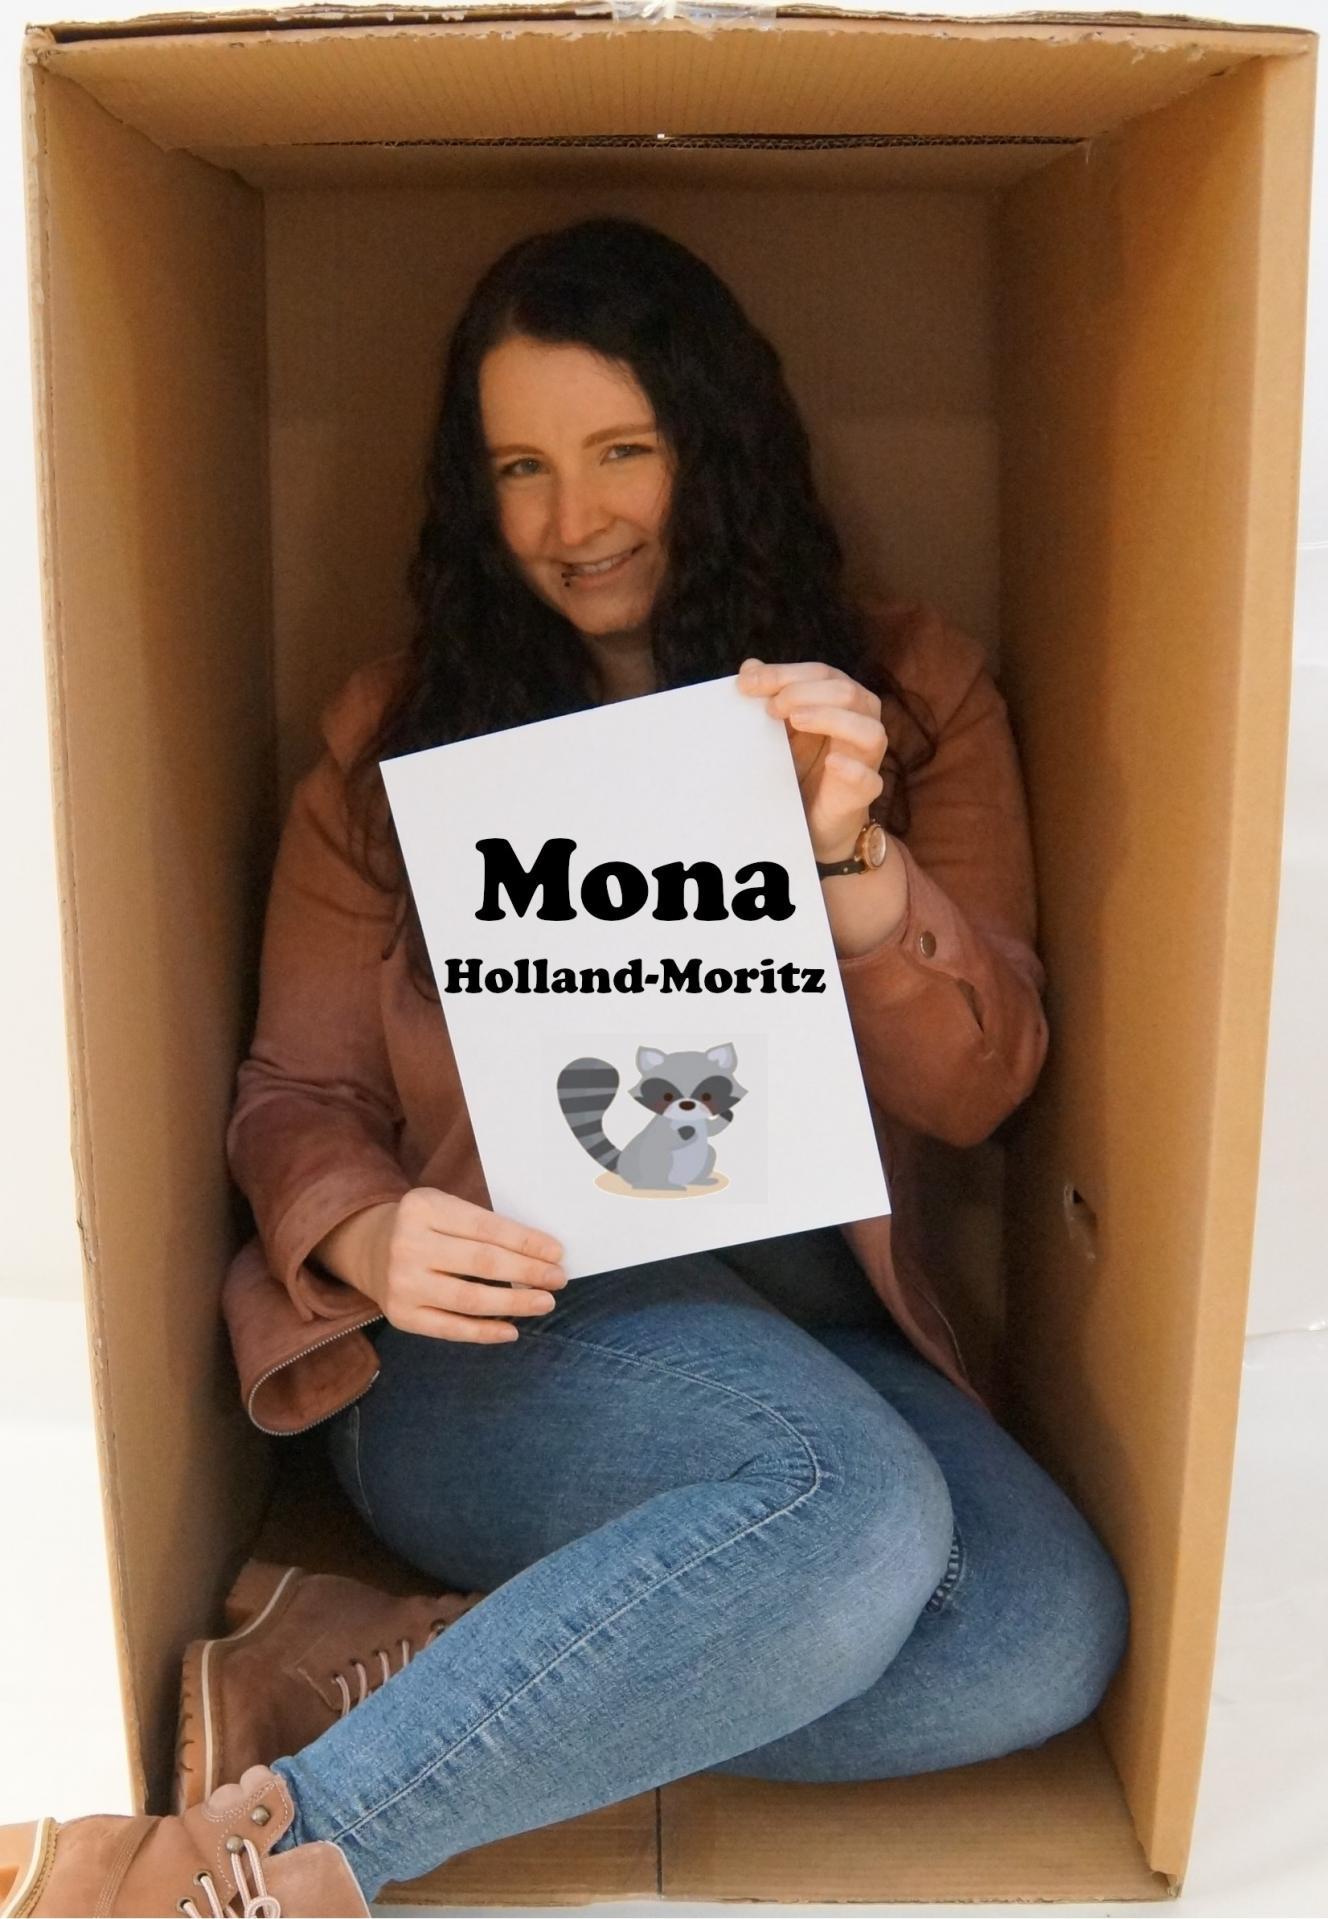 Mona Holland-Moritz